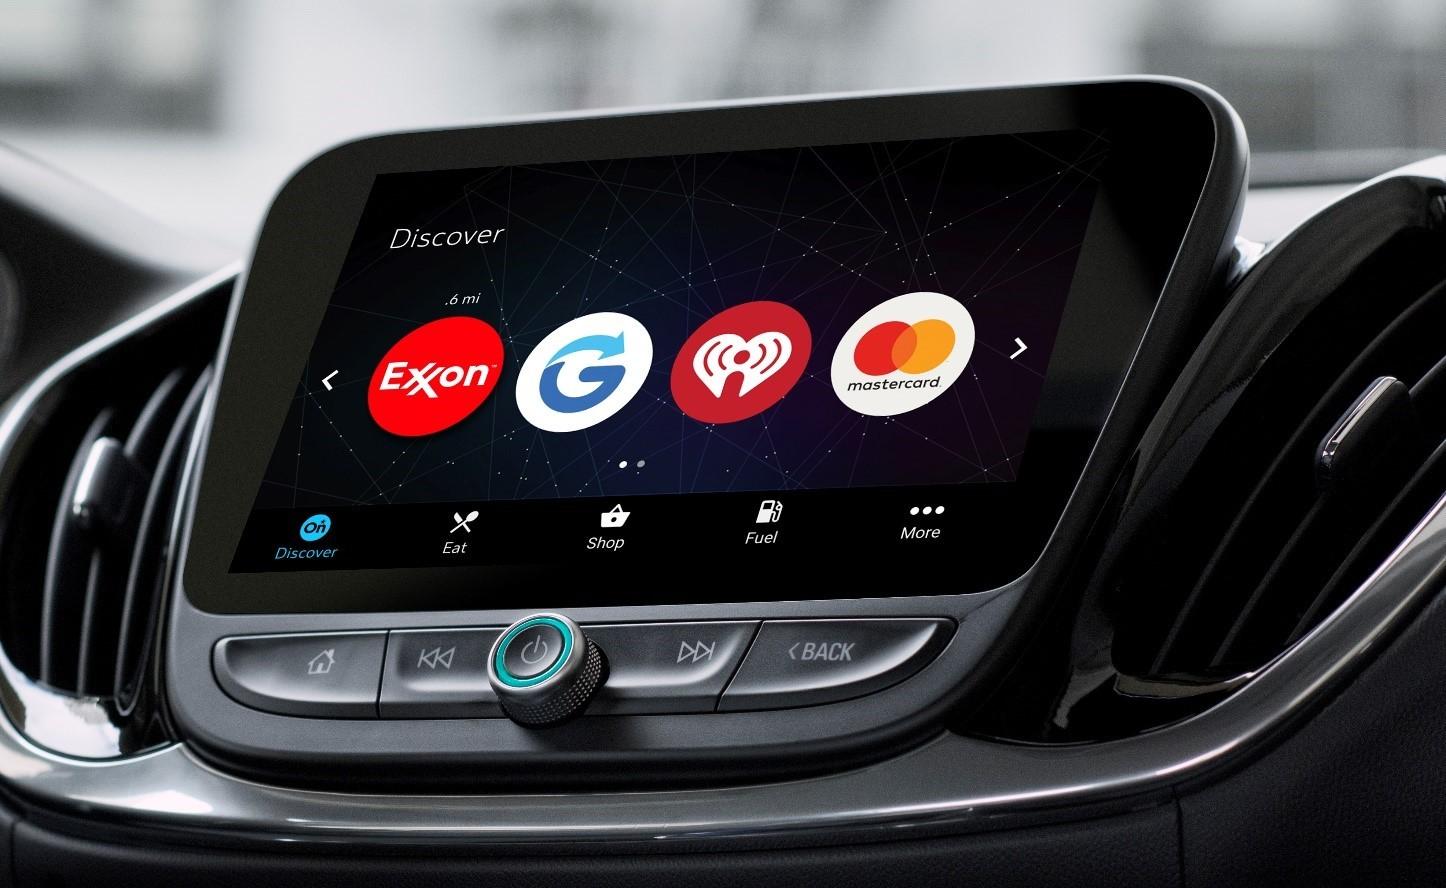 General Motors и IBM разработали мультимедийную систему с искусственным интеллектом для автомобилей - 3